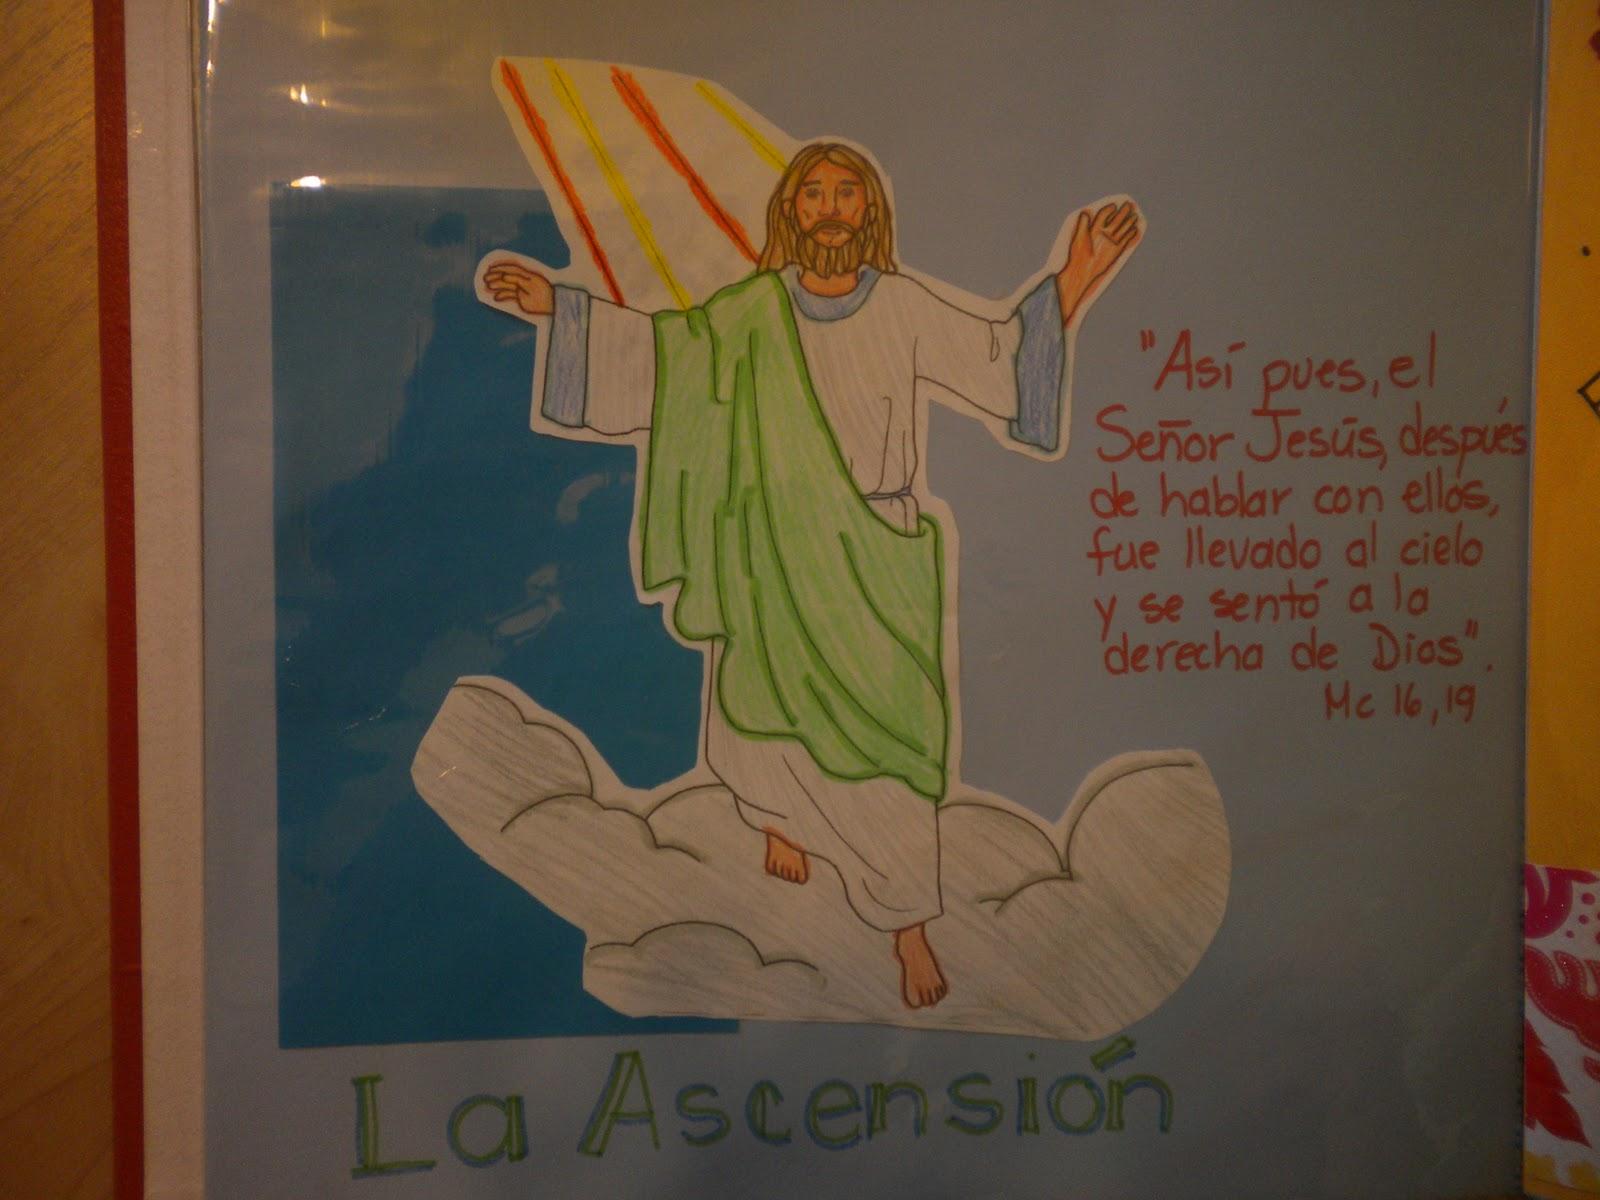 Familia Católica: Nuestras Páginas Litúrgicas después de Pascua